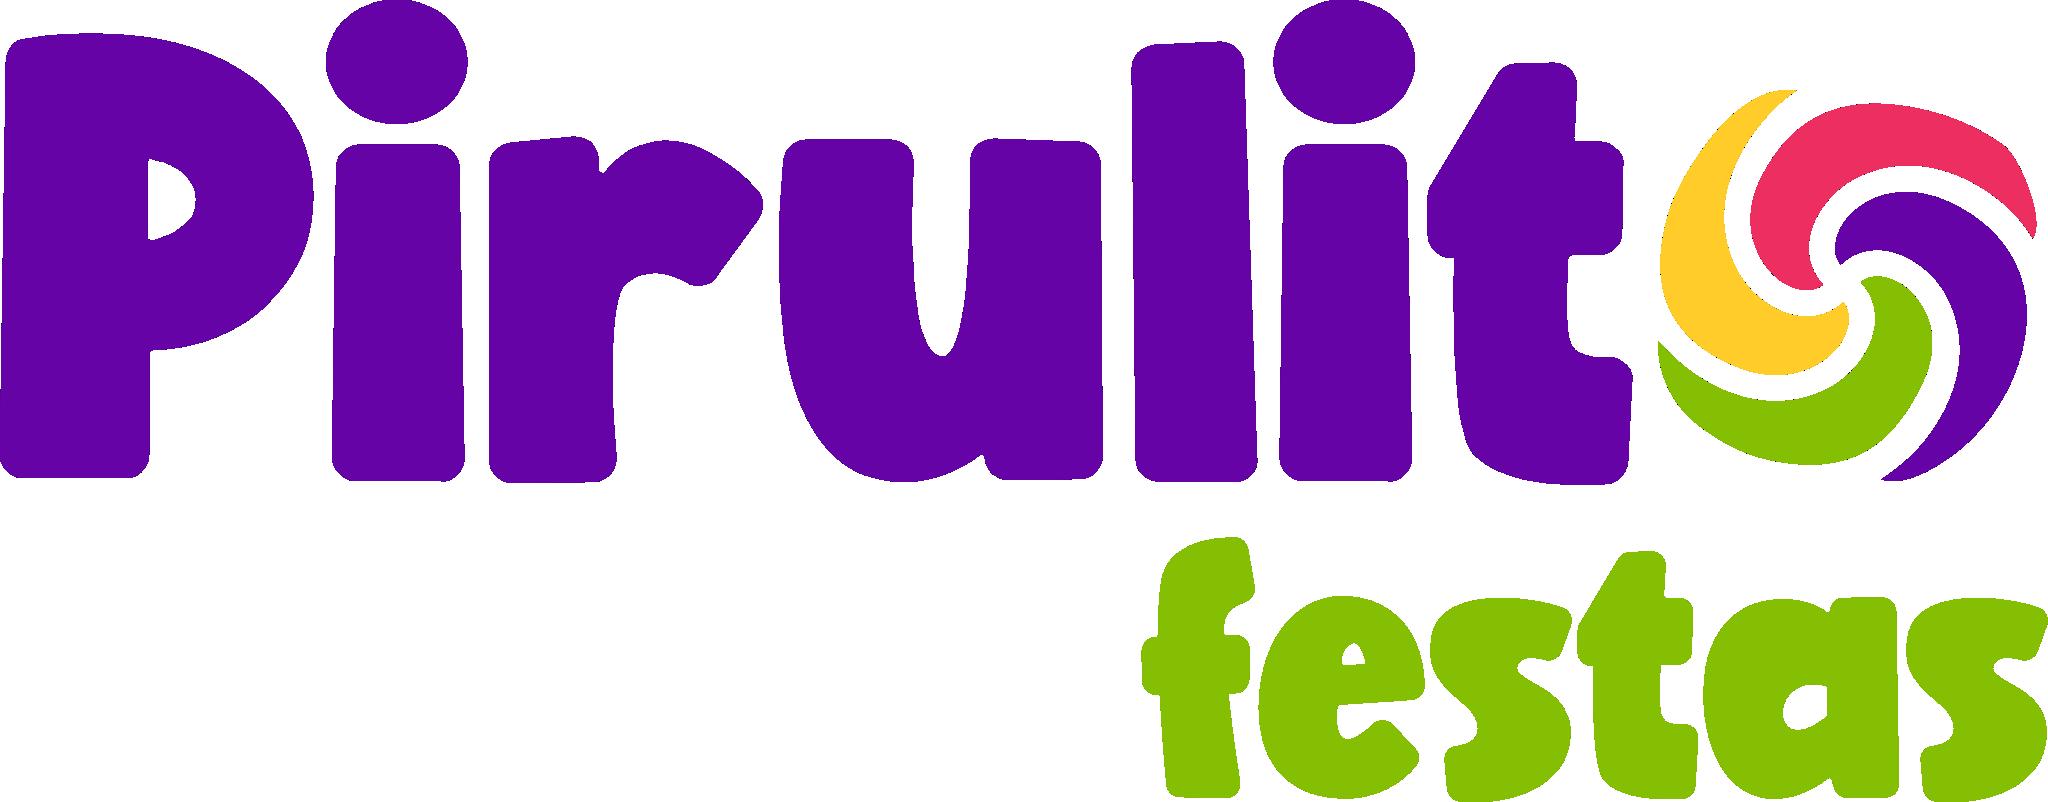 PIRULITO FESTAS